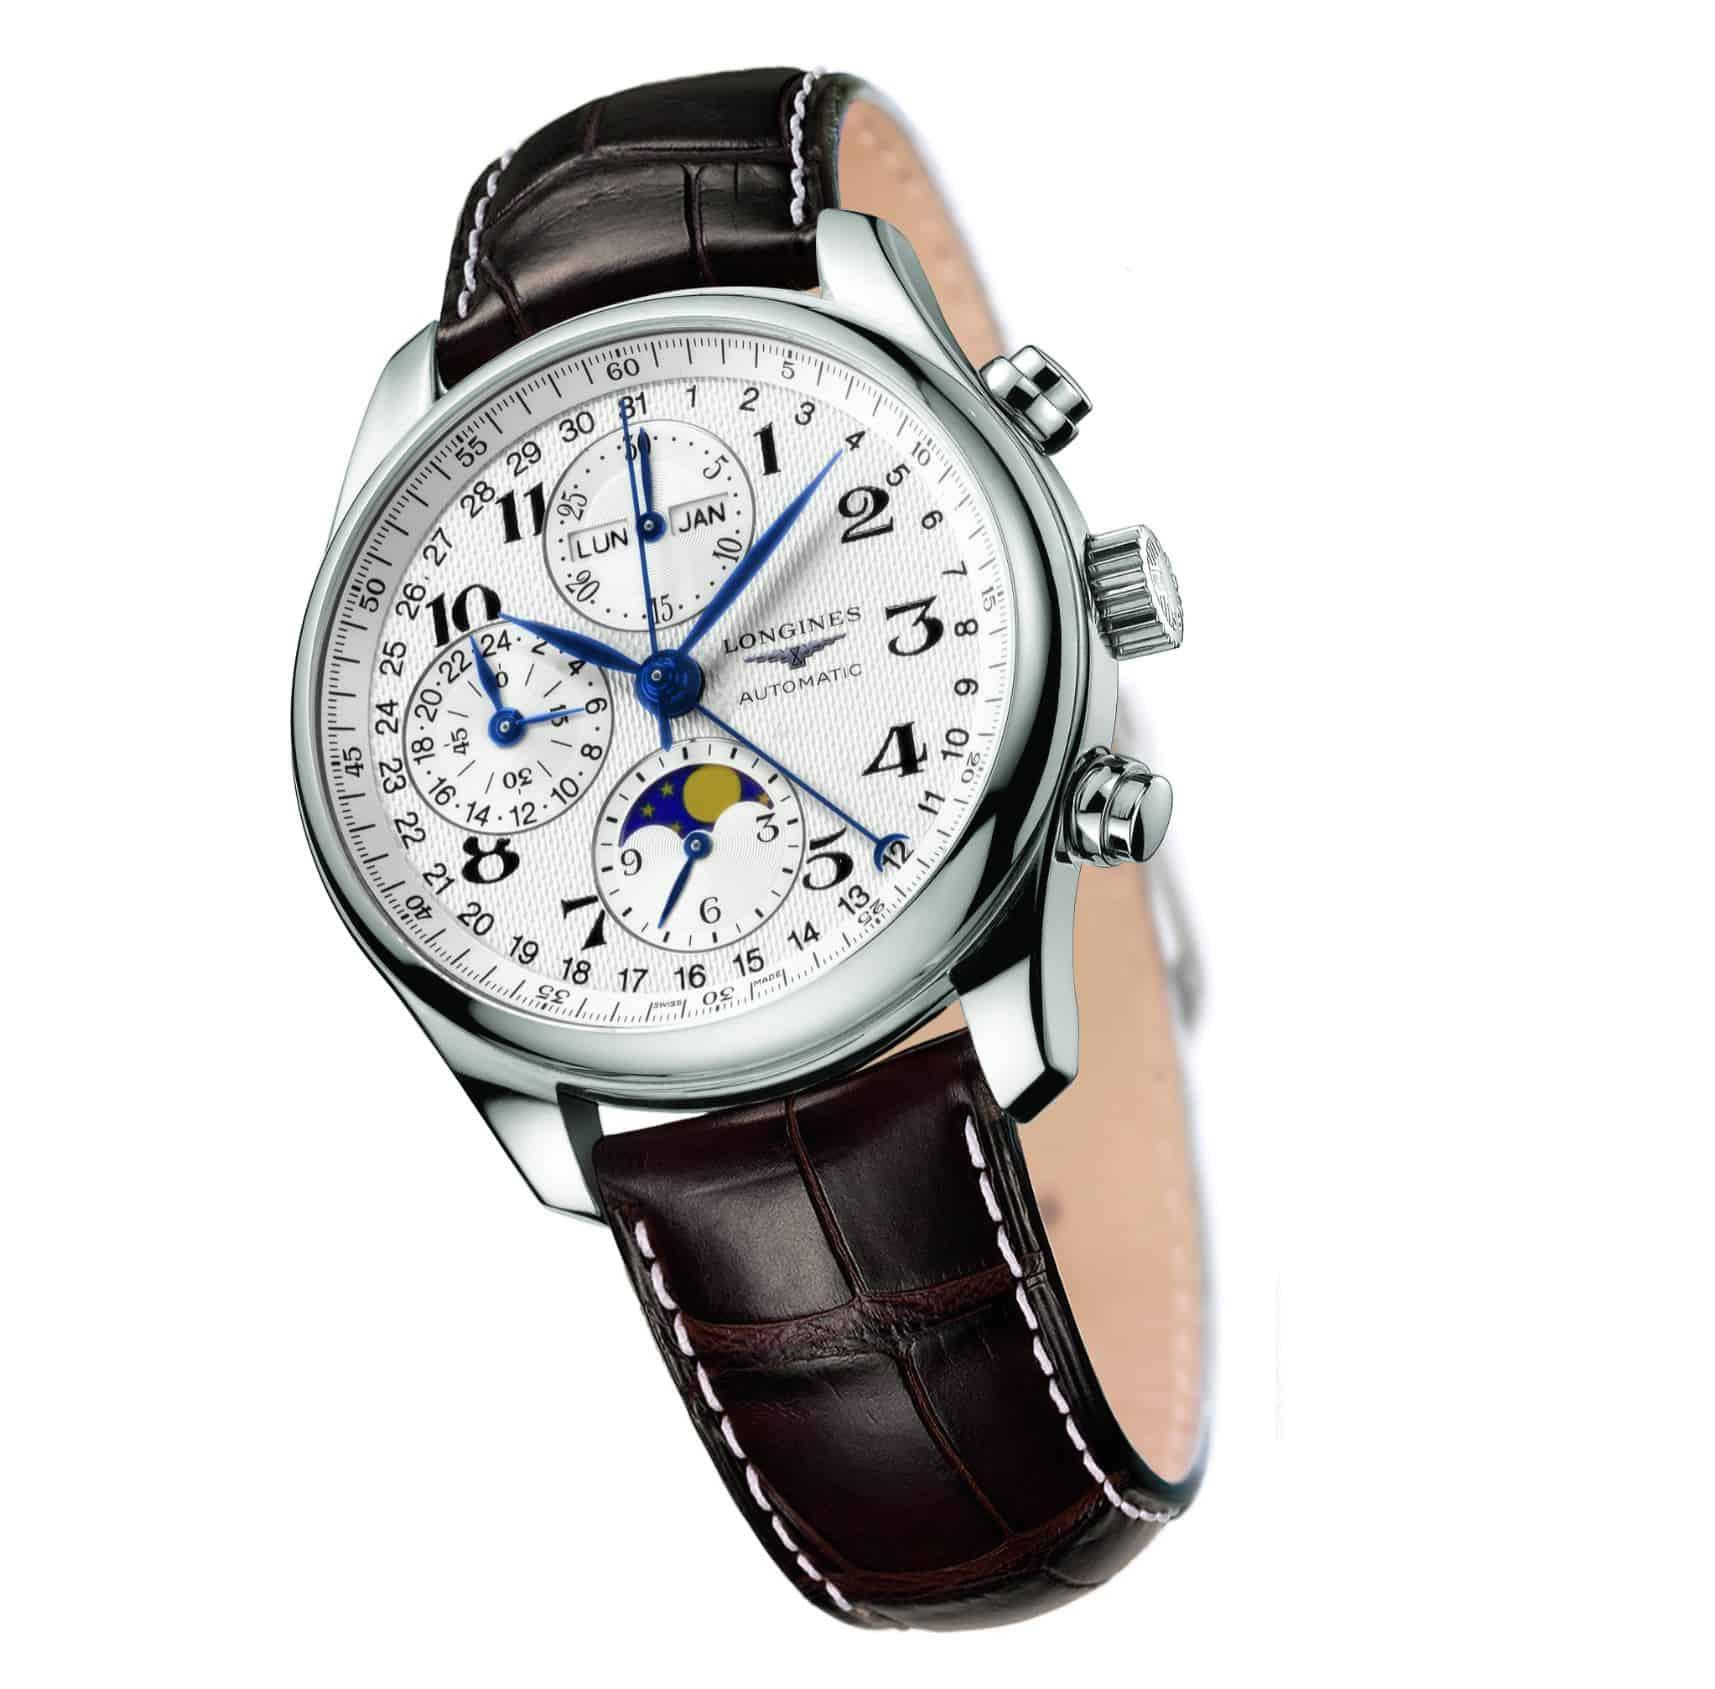 Longines ist nach Omega die zweitbeste Marke der Swatch Group und gehört zu den gutgehenden Marken.